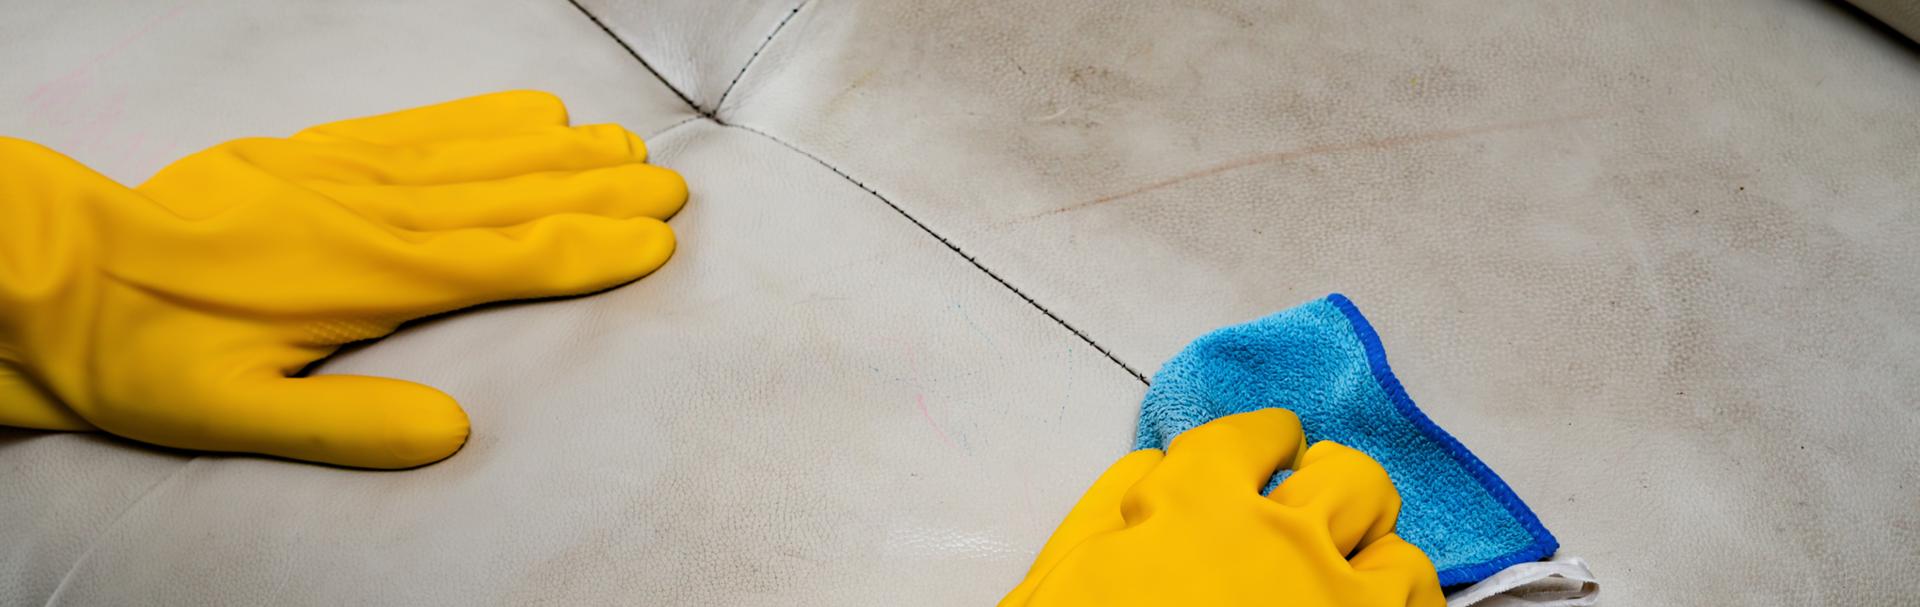 Wie entferne ich Verschmutzungen auf der Ledercouch? Tricks und Tipps zur Lederpflege gibt es bei m+t, dem Einrichtunhshaus in Norddeutschland